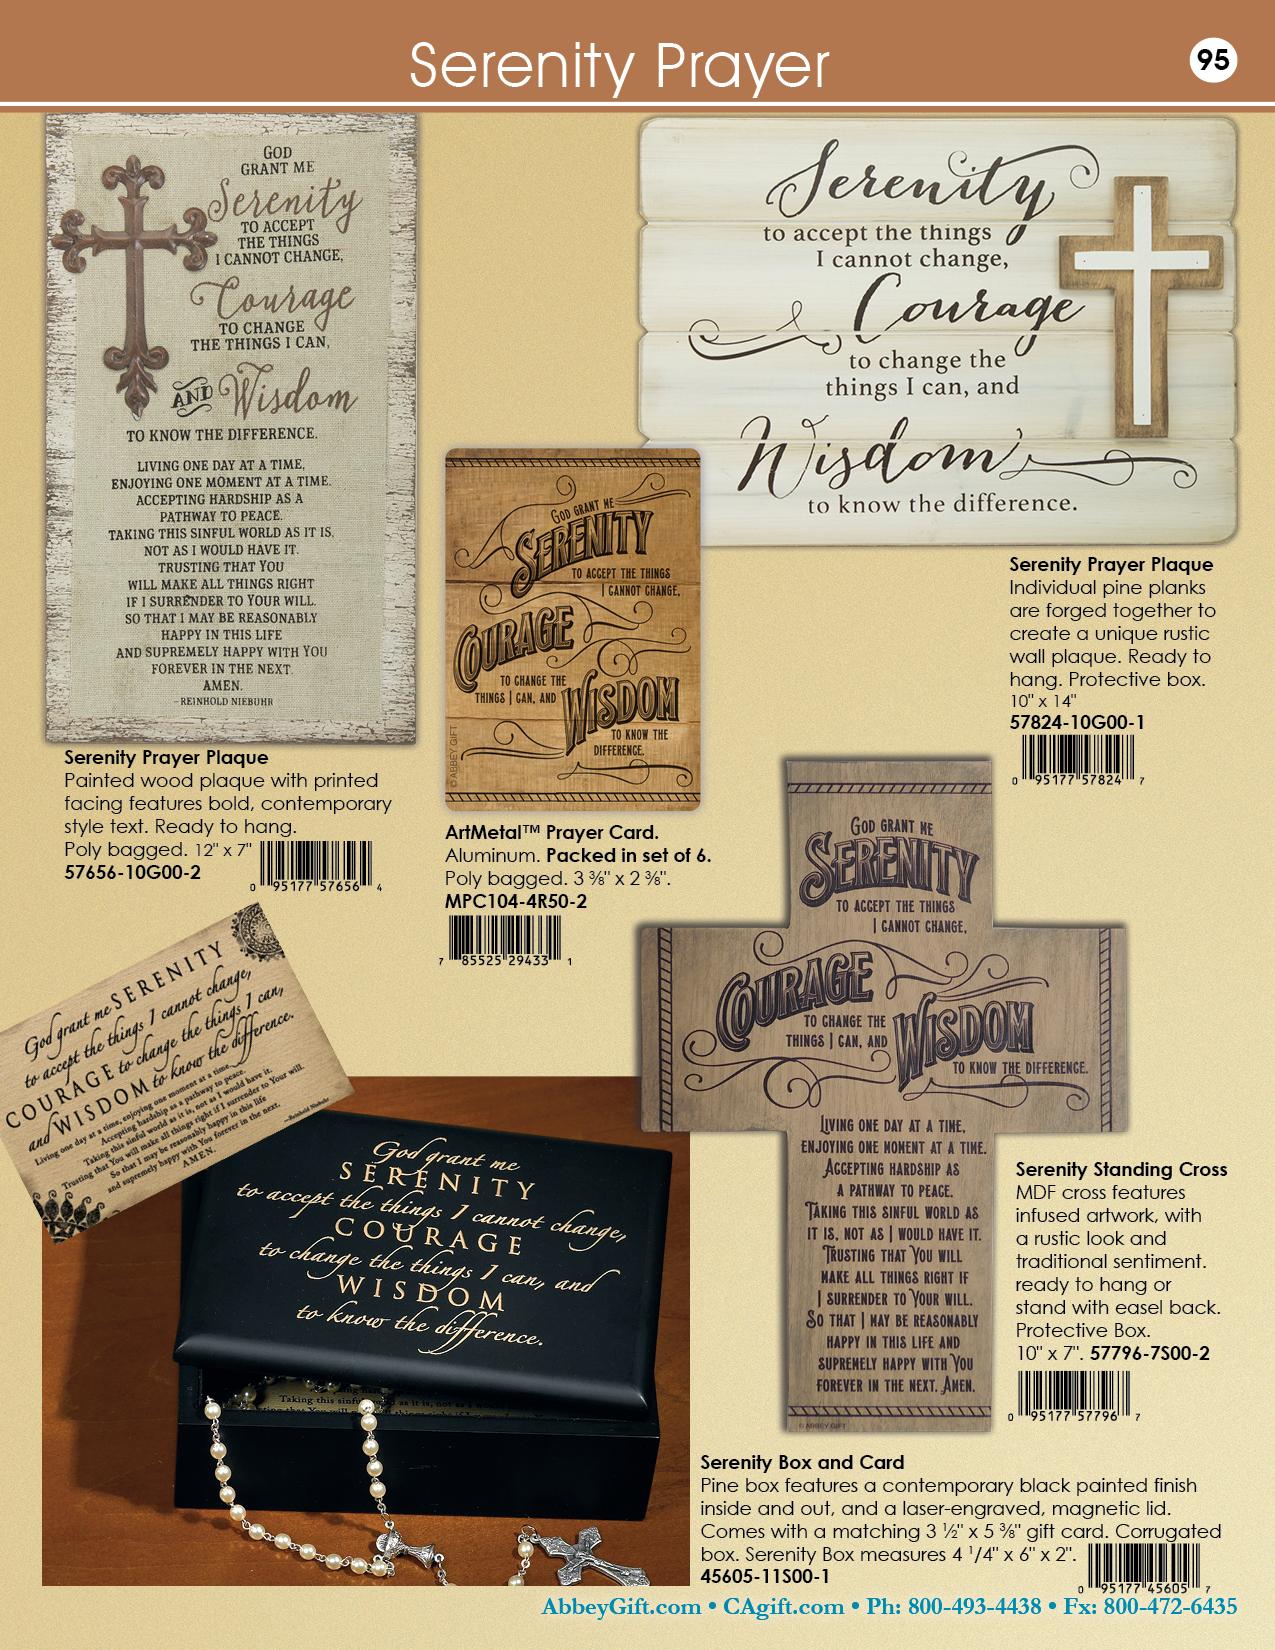 2019 Abbey CA Gift Catalog 95